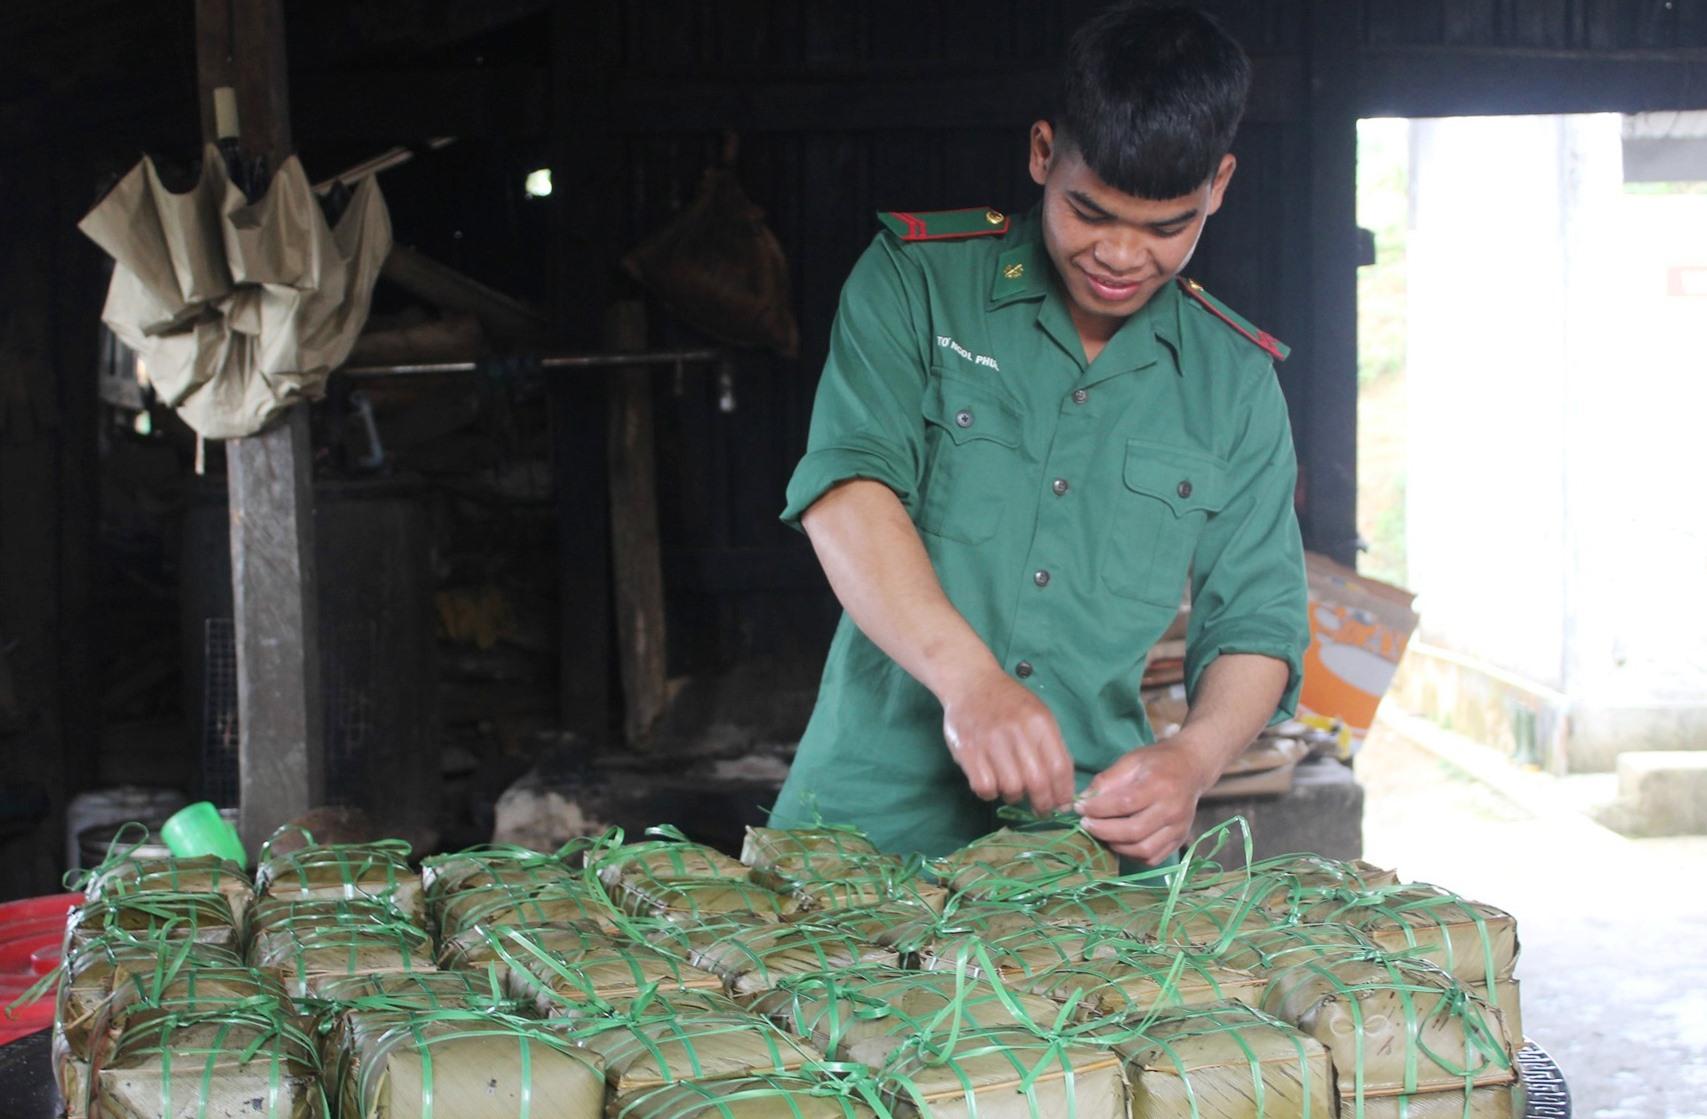 Những chiếc bánh chưng do các chiến sĩ tự làm phục vụ tết. Binh nhì Tangôn Phước, vớt và sắp xếp bánh lại để gửi vào các chiến sĩ ở các Chốt chặn chống dịch covid-19.